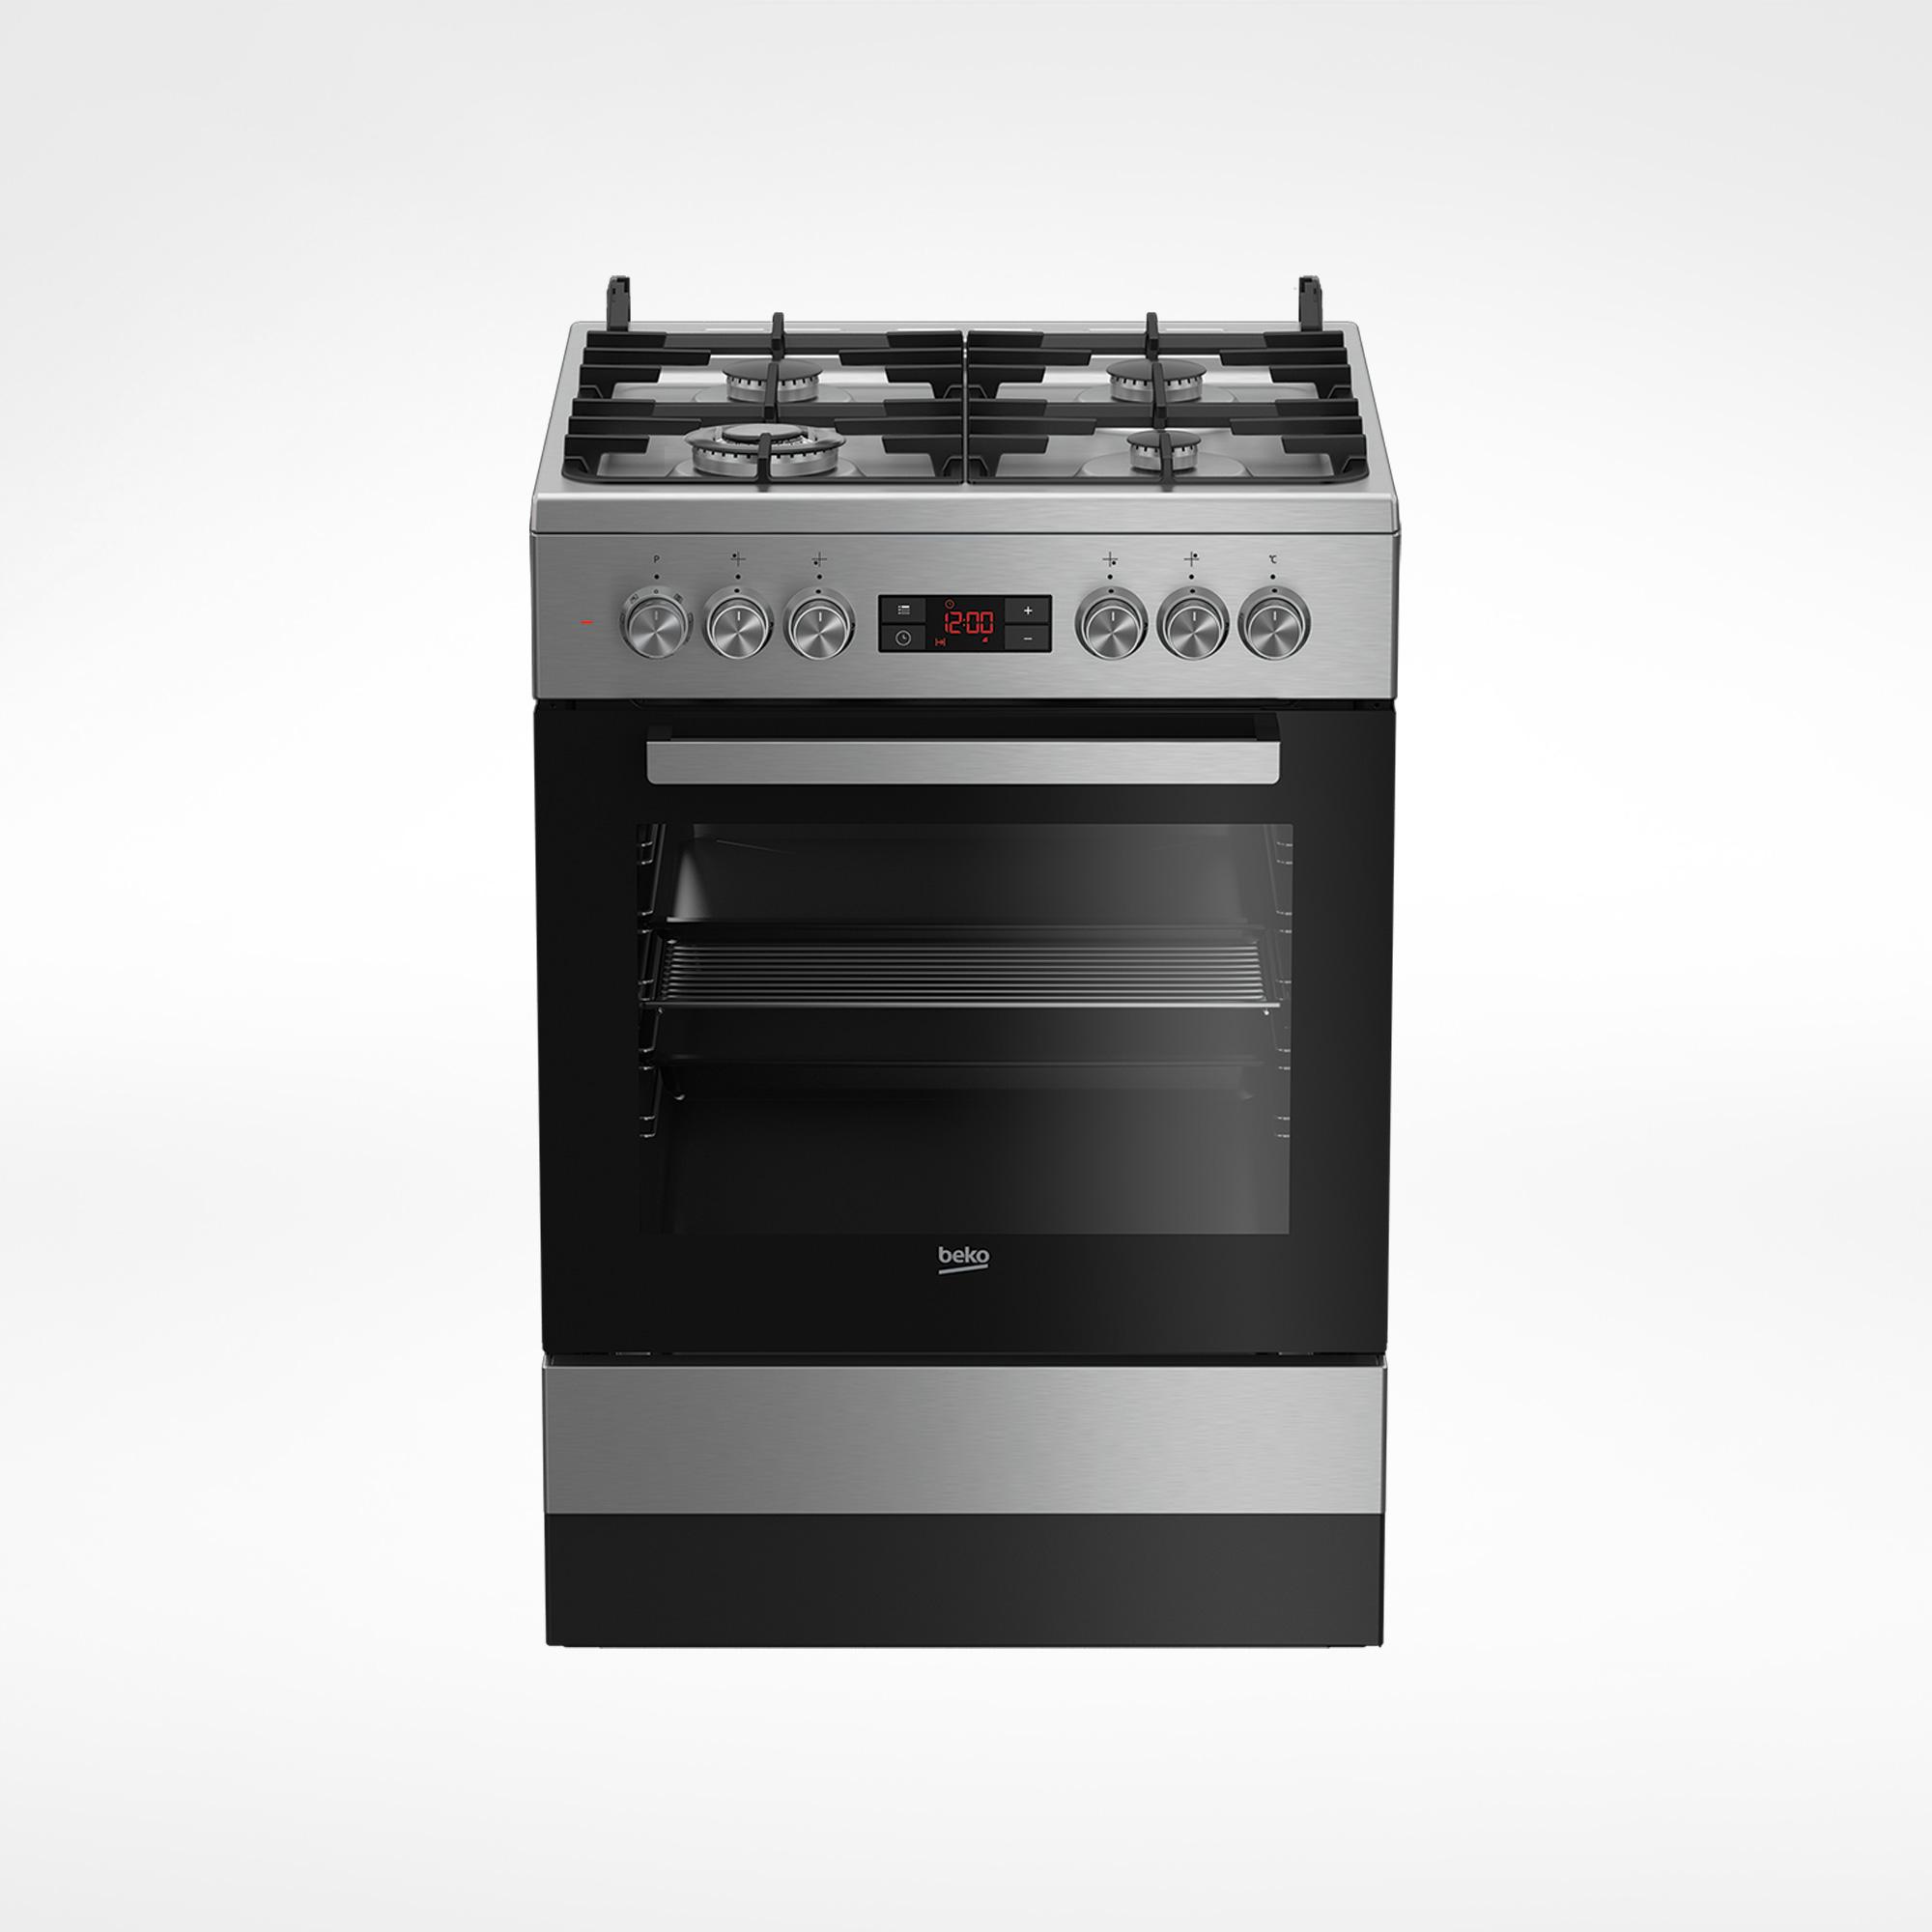 FSM61330DXDS – BEKO Freestanding Cooker